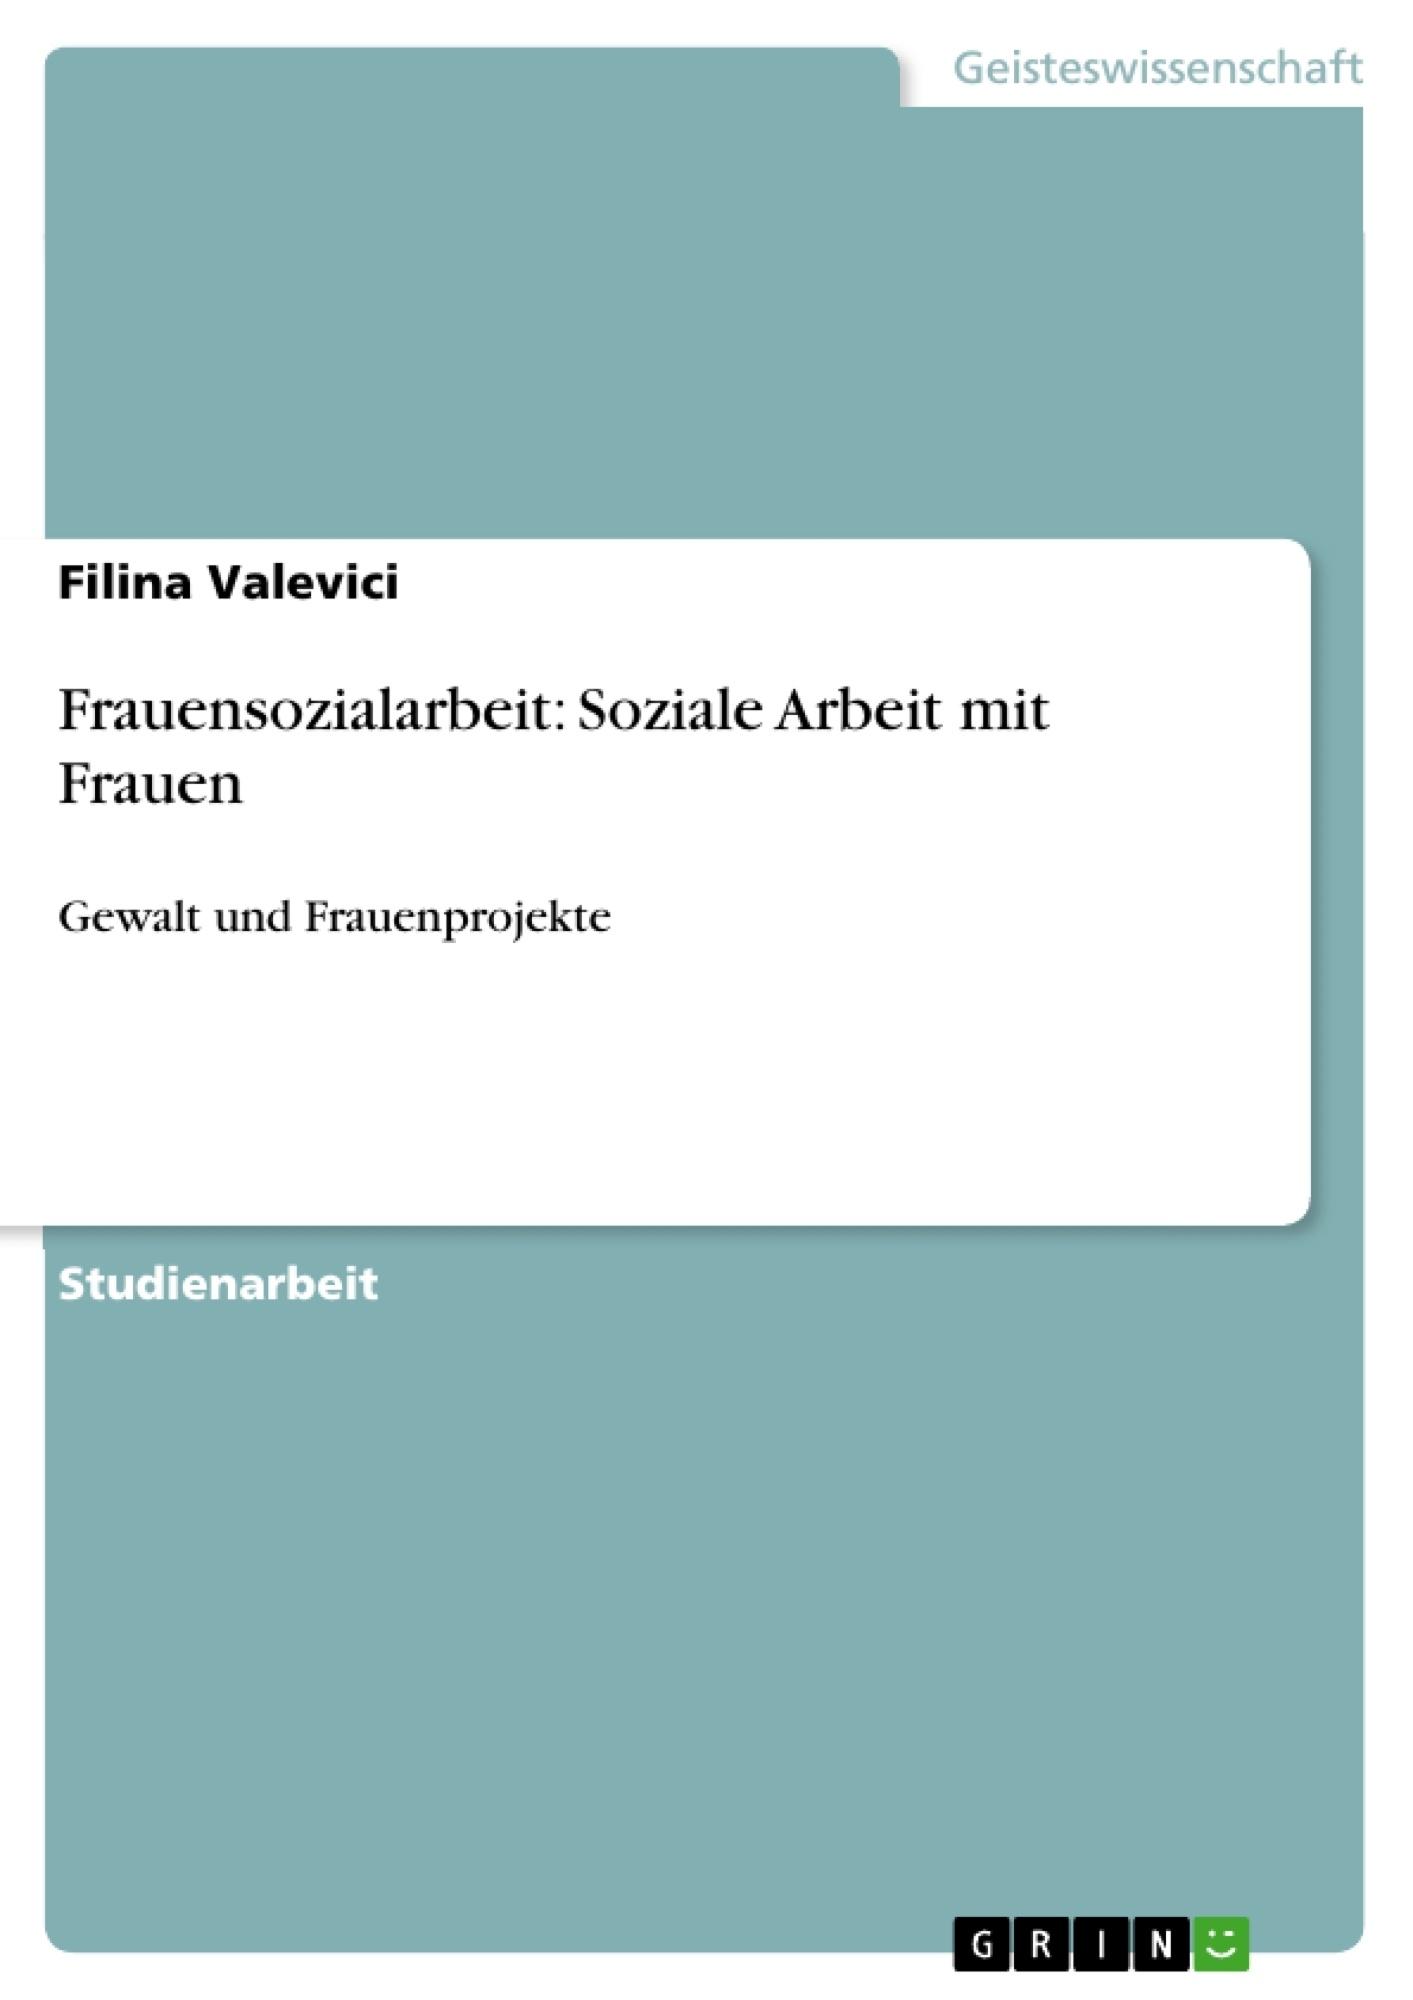 Titel: Frauensozialarbeit: Soziale Arbeit mit Frauen